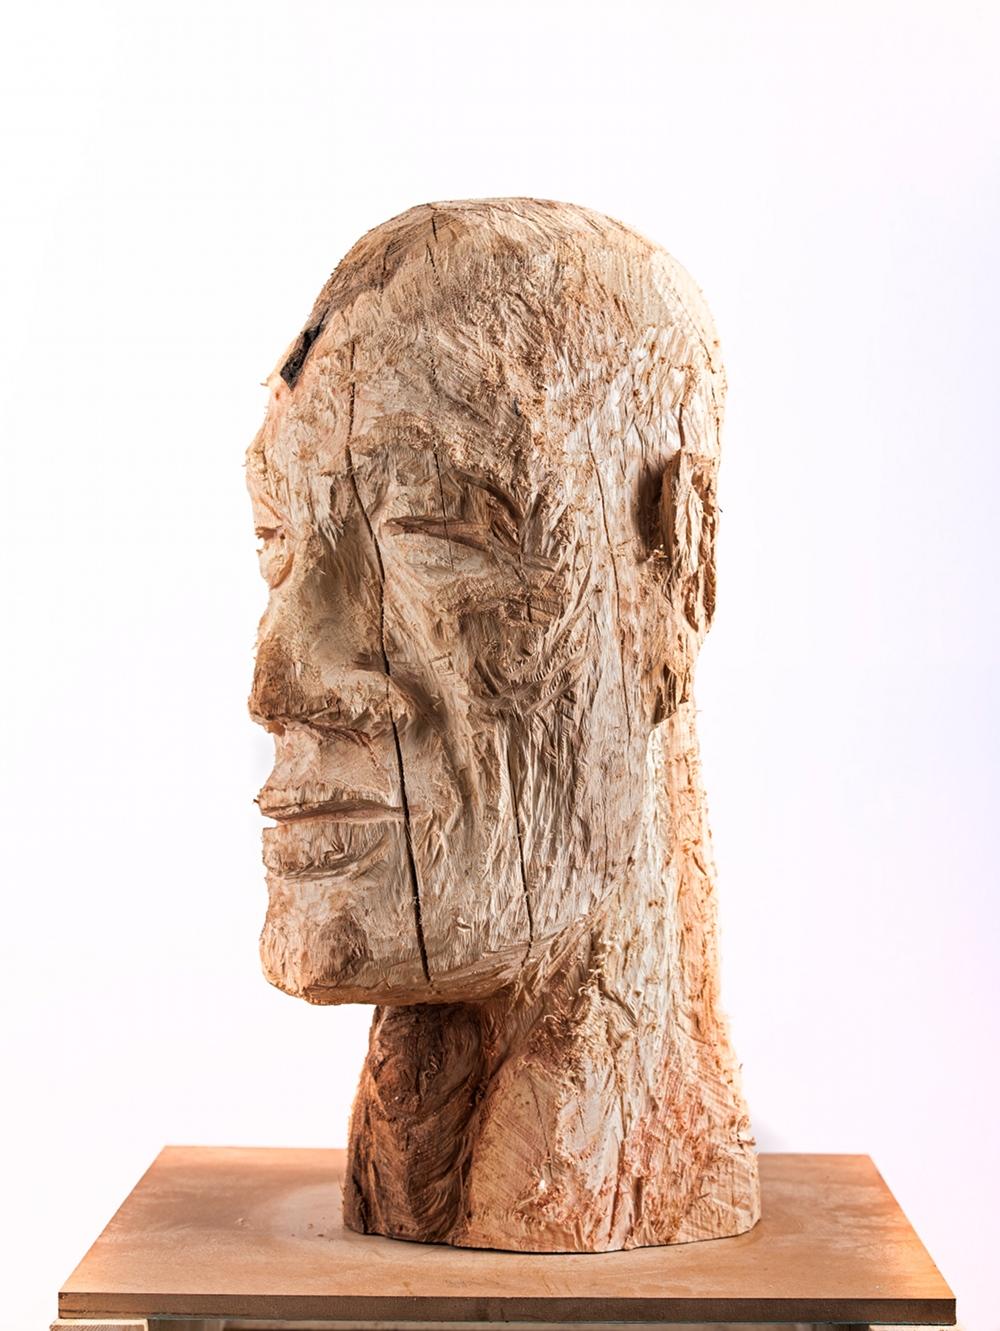 Sans titre, bois sculpté@(80 x 50 x 50 cm)